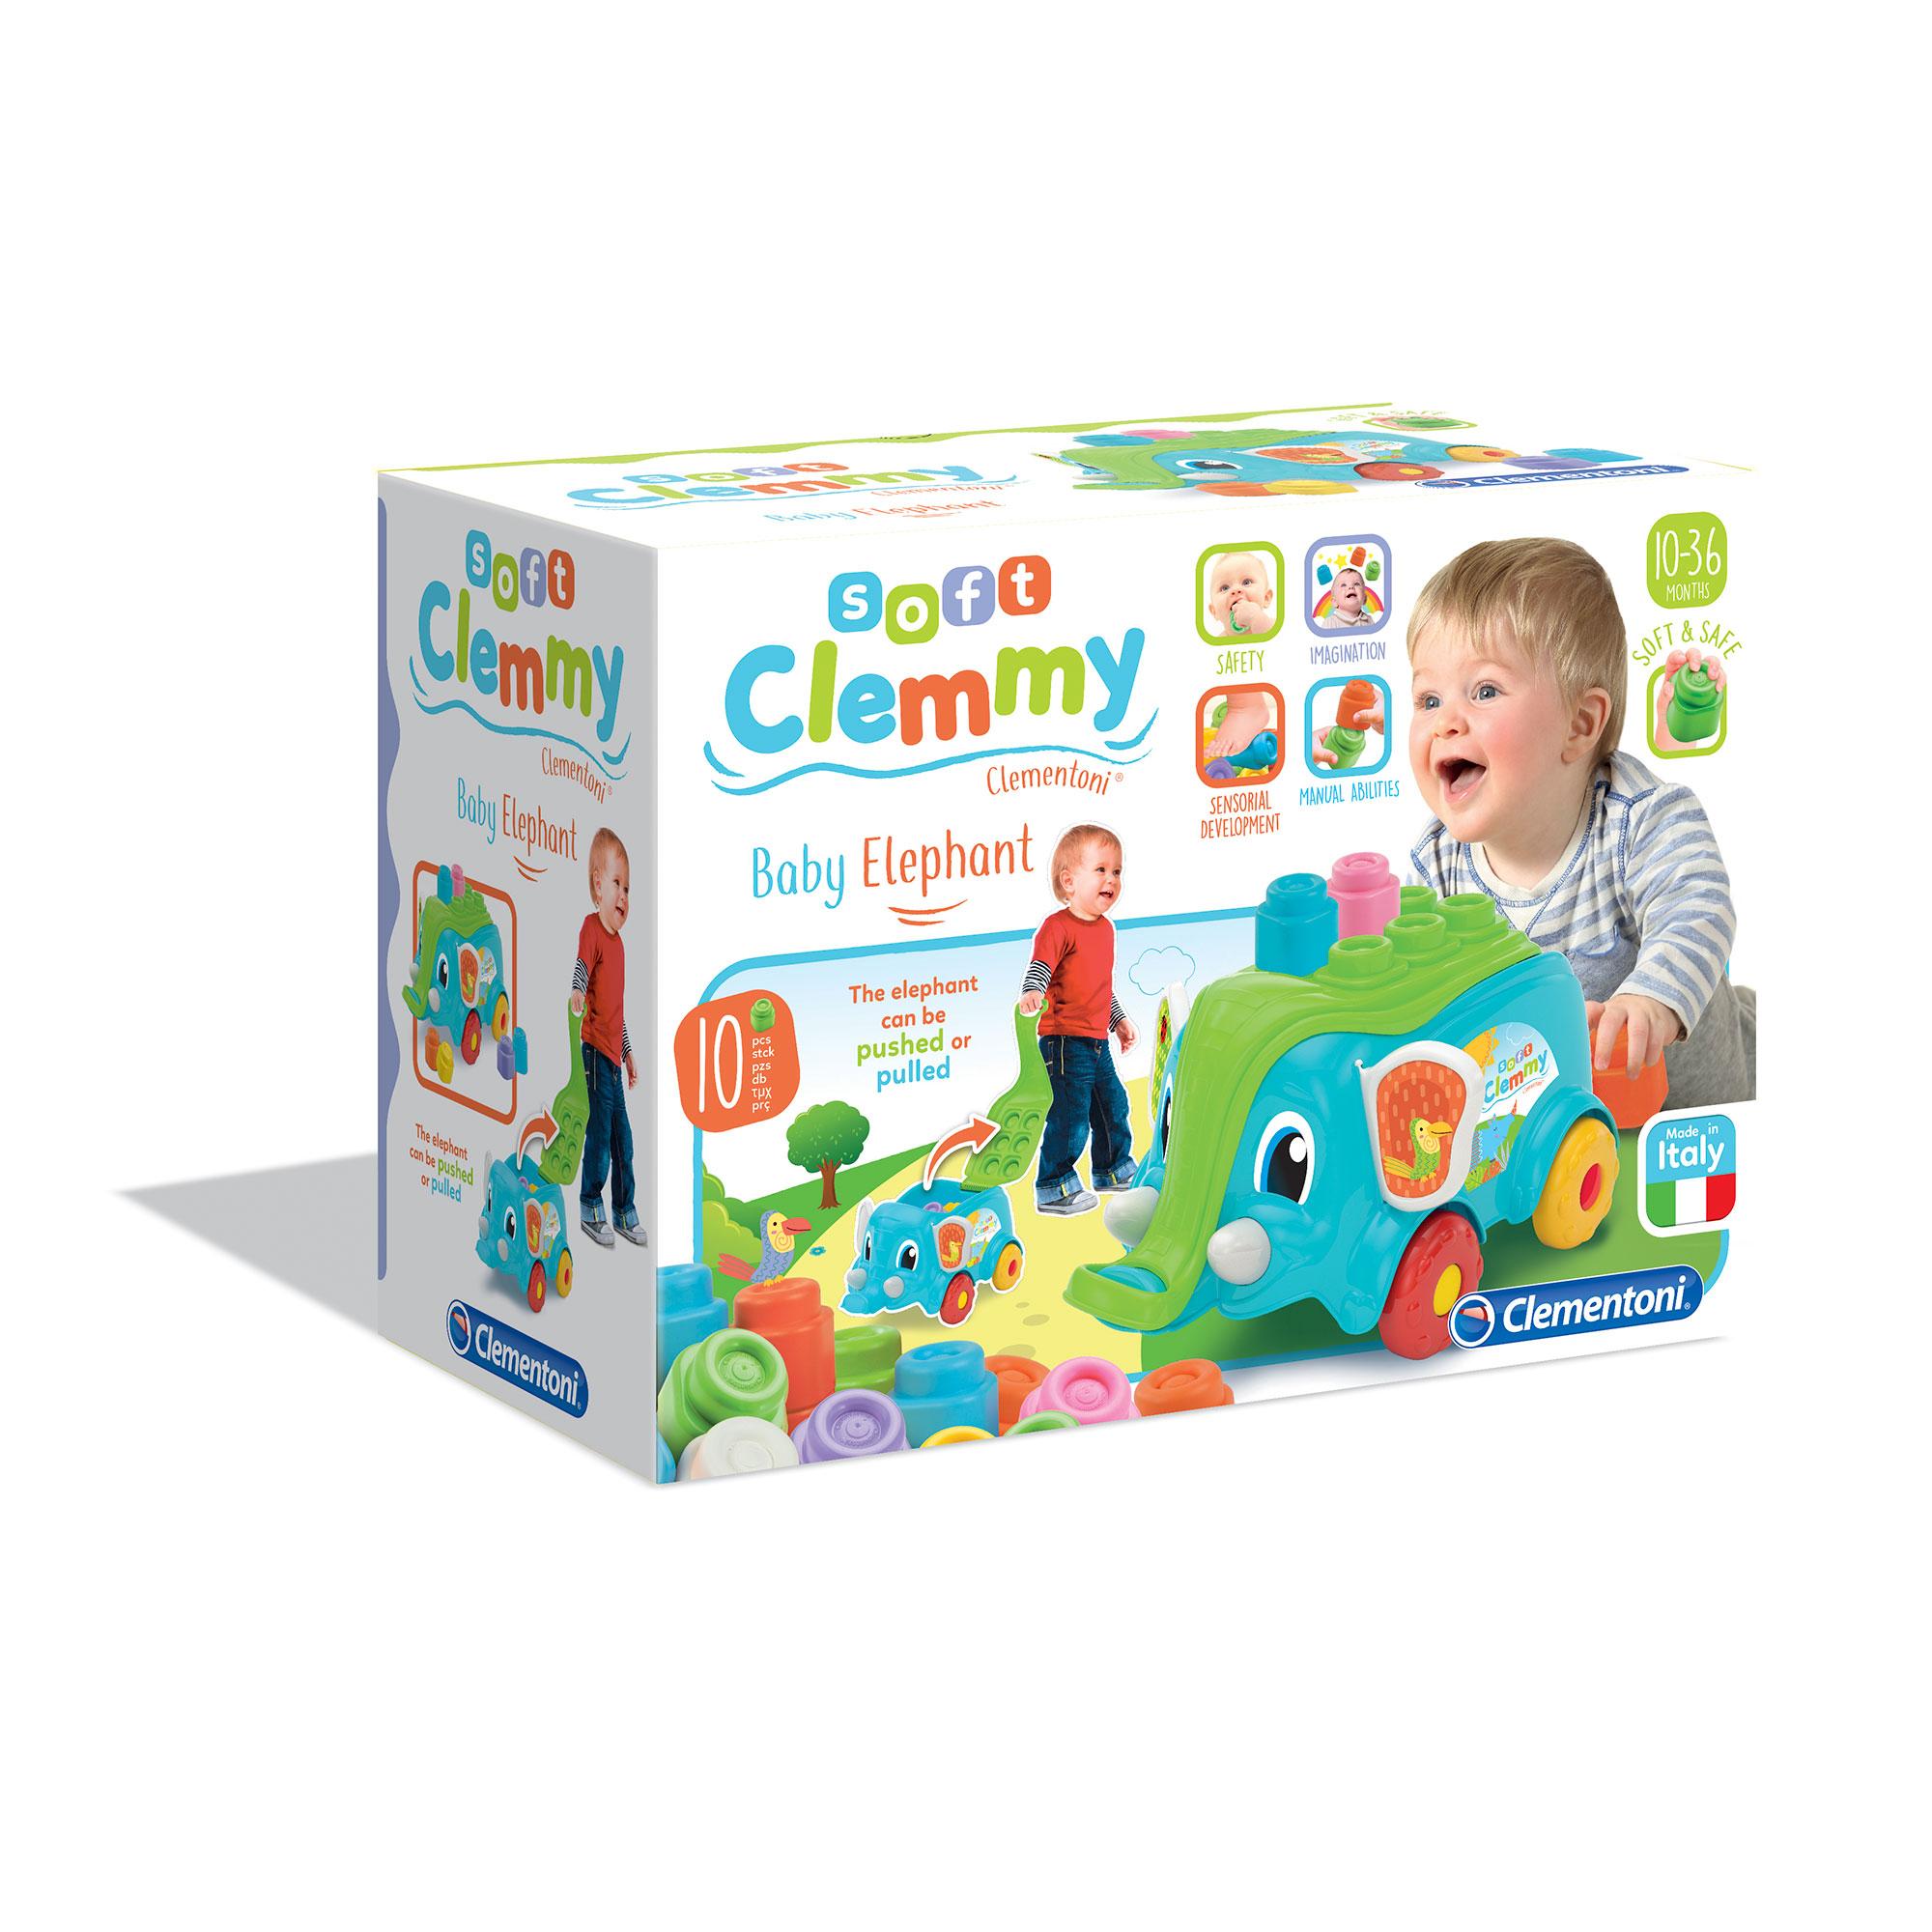 Clementoni - 17162 - carrettino elefante - ALTRO